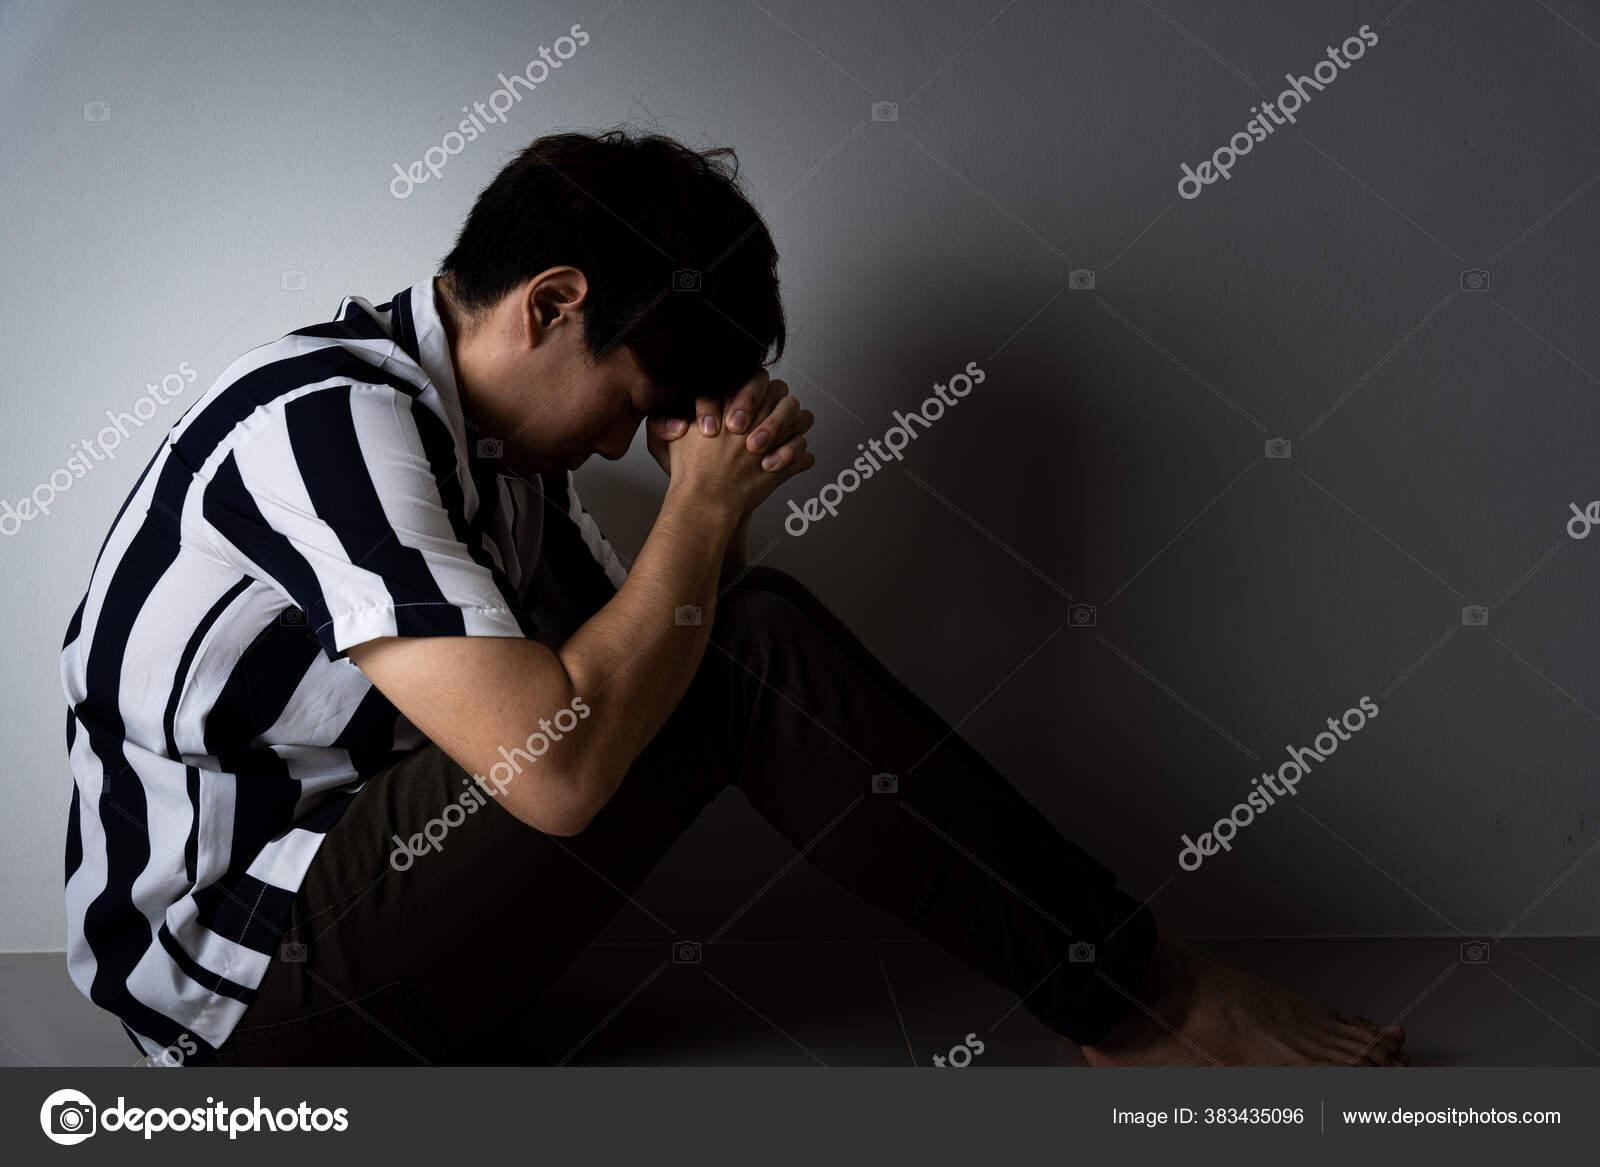 Pria Sedih Memeluk Lututnya Dan Menangis Duduk Sendirian Ruangan Gelap Stok Foto C Mikesaran 383435096